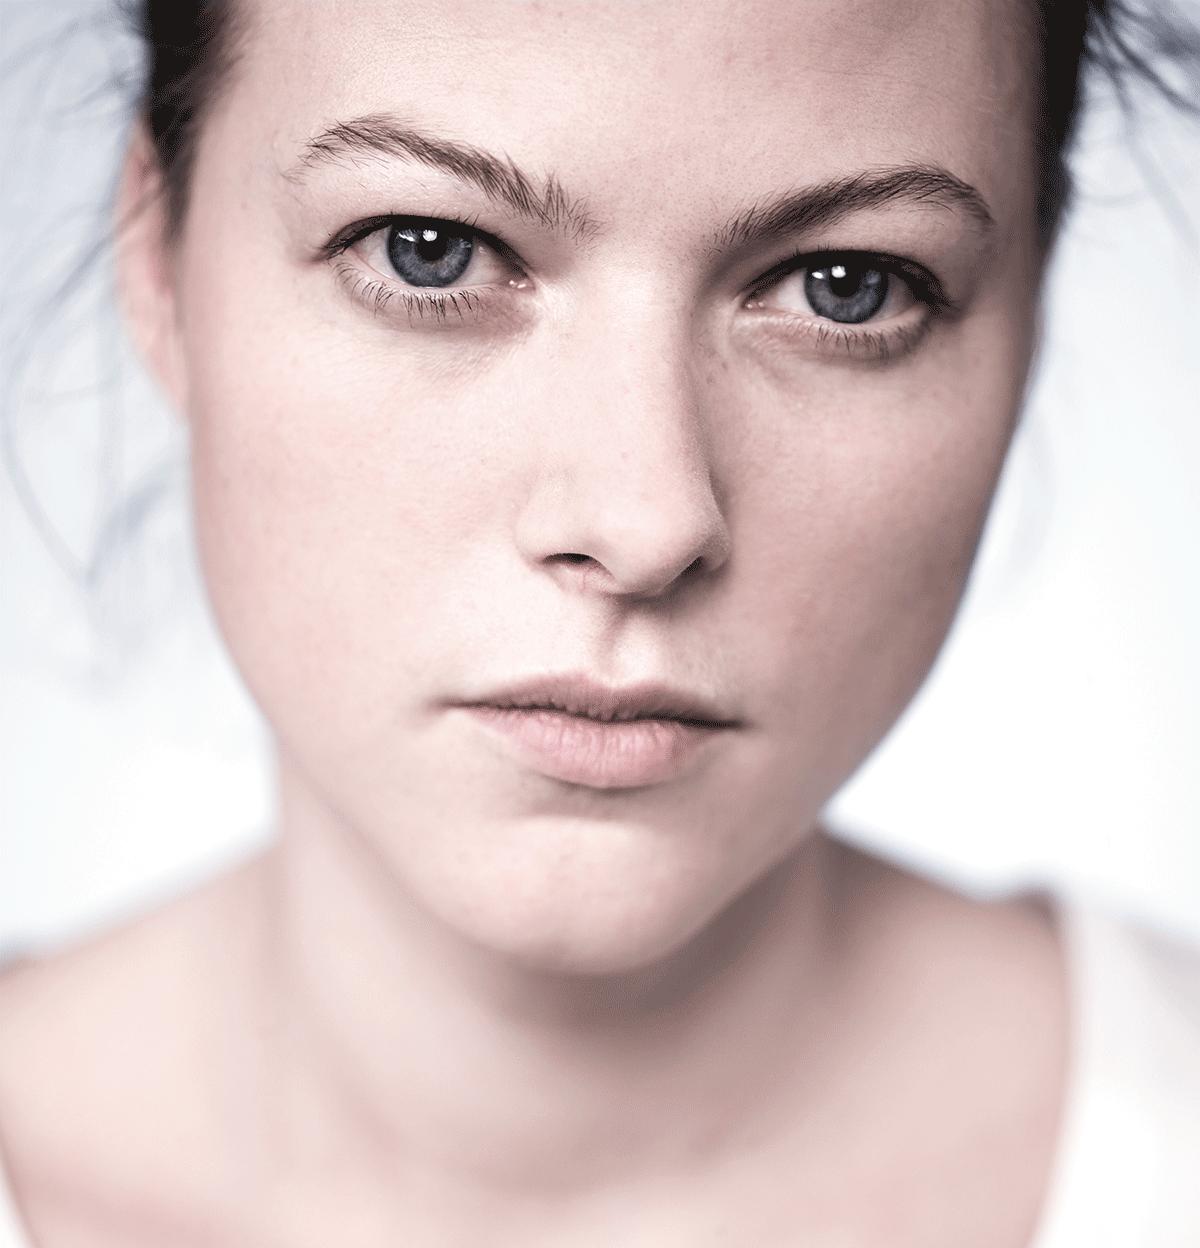 isabel-kronenberger-unknown-identity-11